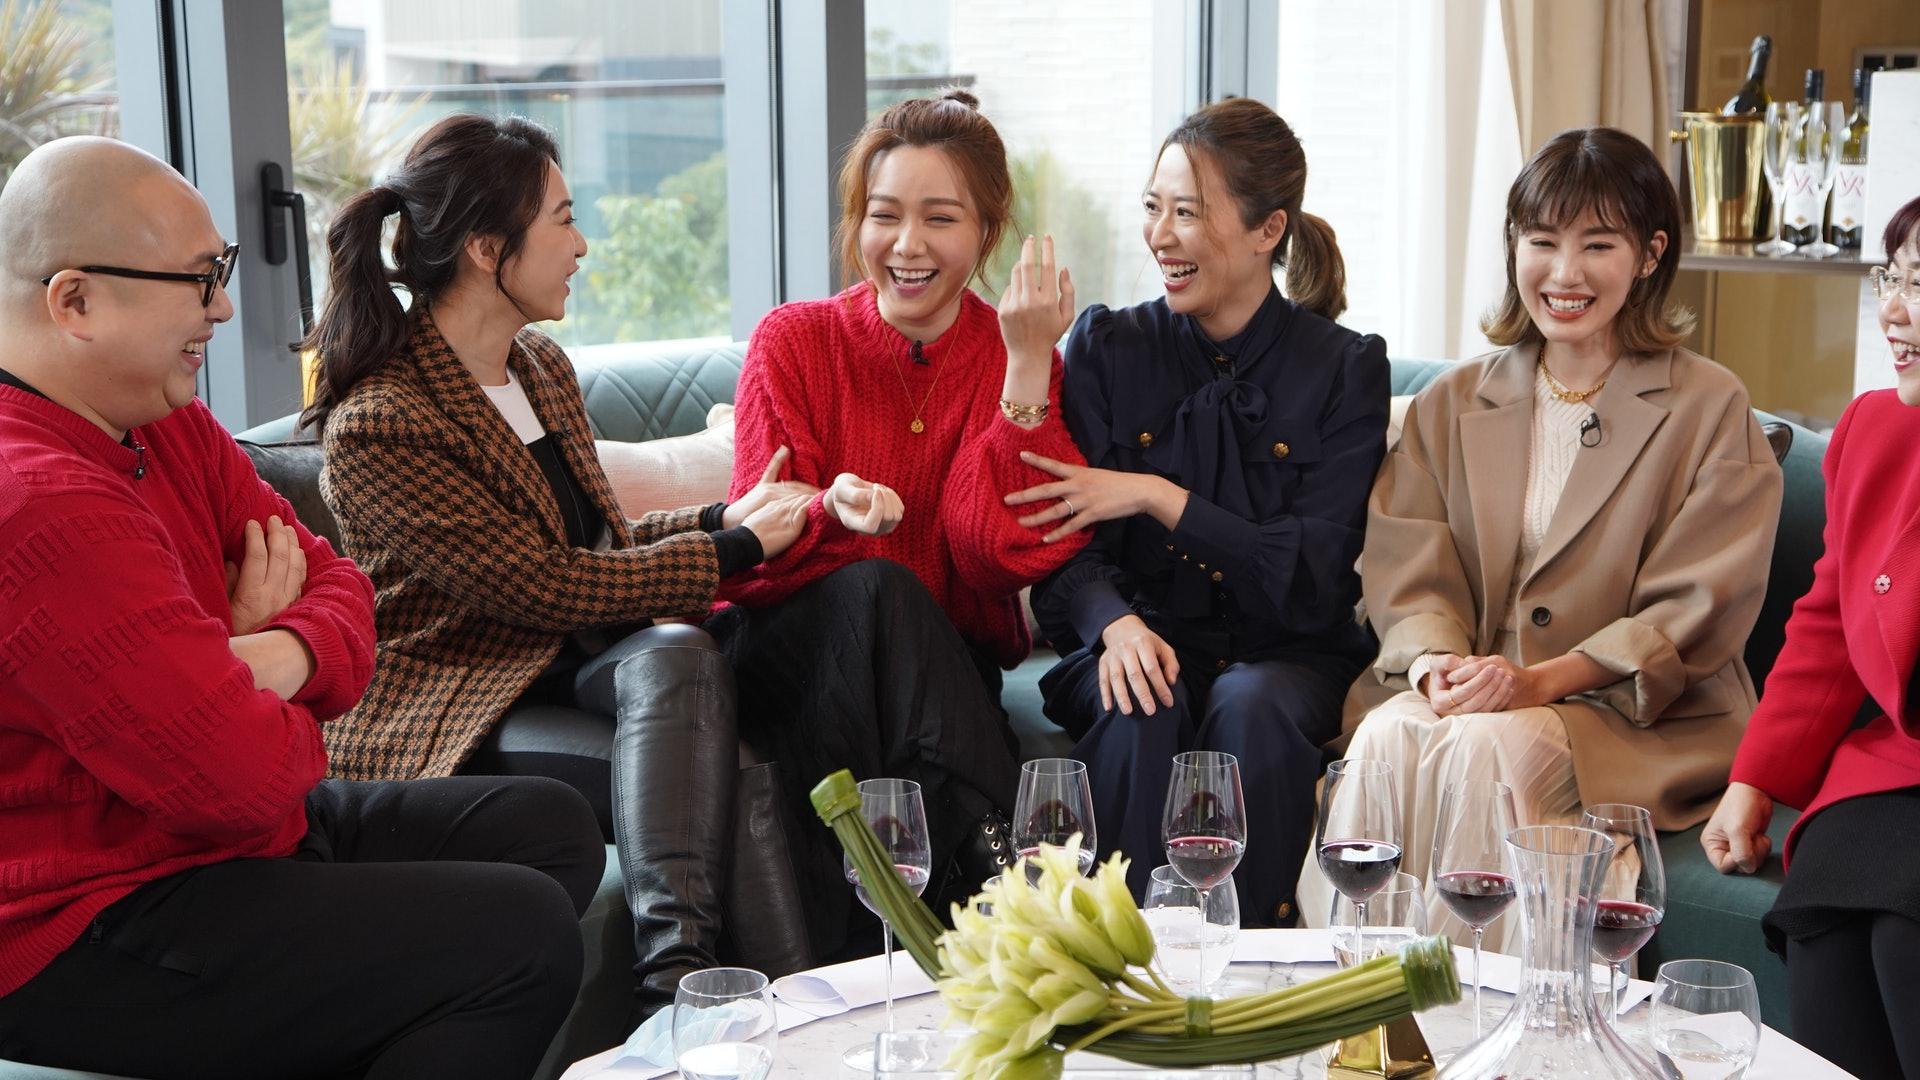 Các nghệ sĩ nữ trò chuyện trong show. Thang Lạc Văn (áo len đỏ) chia sẻ về quan điểm hôn nhân với bạn bè.